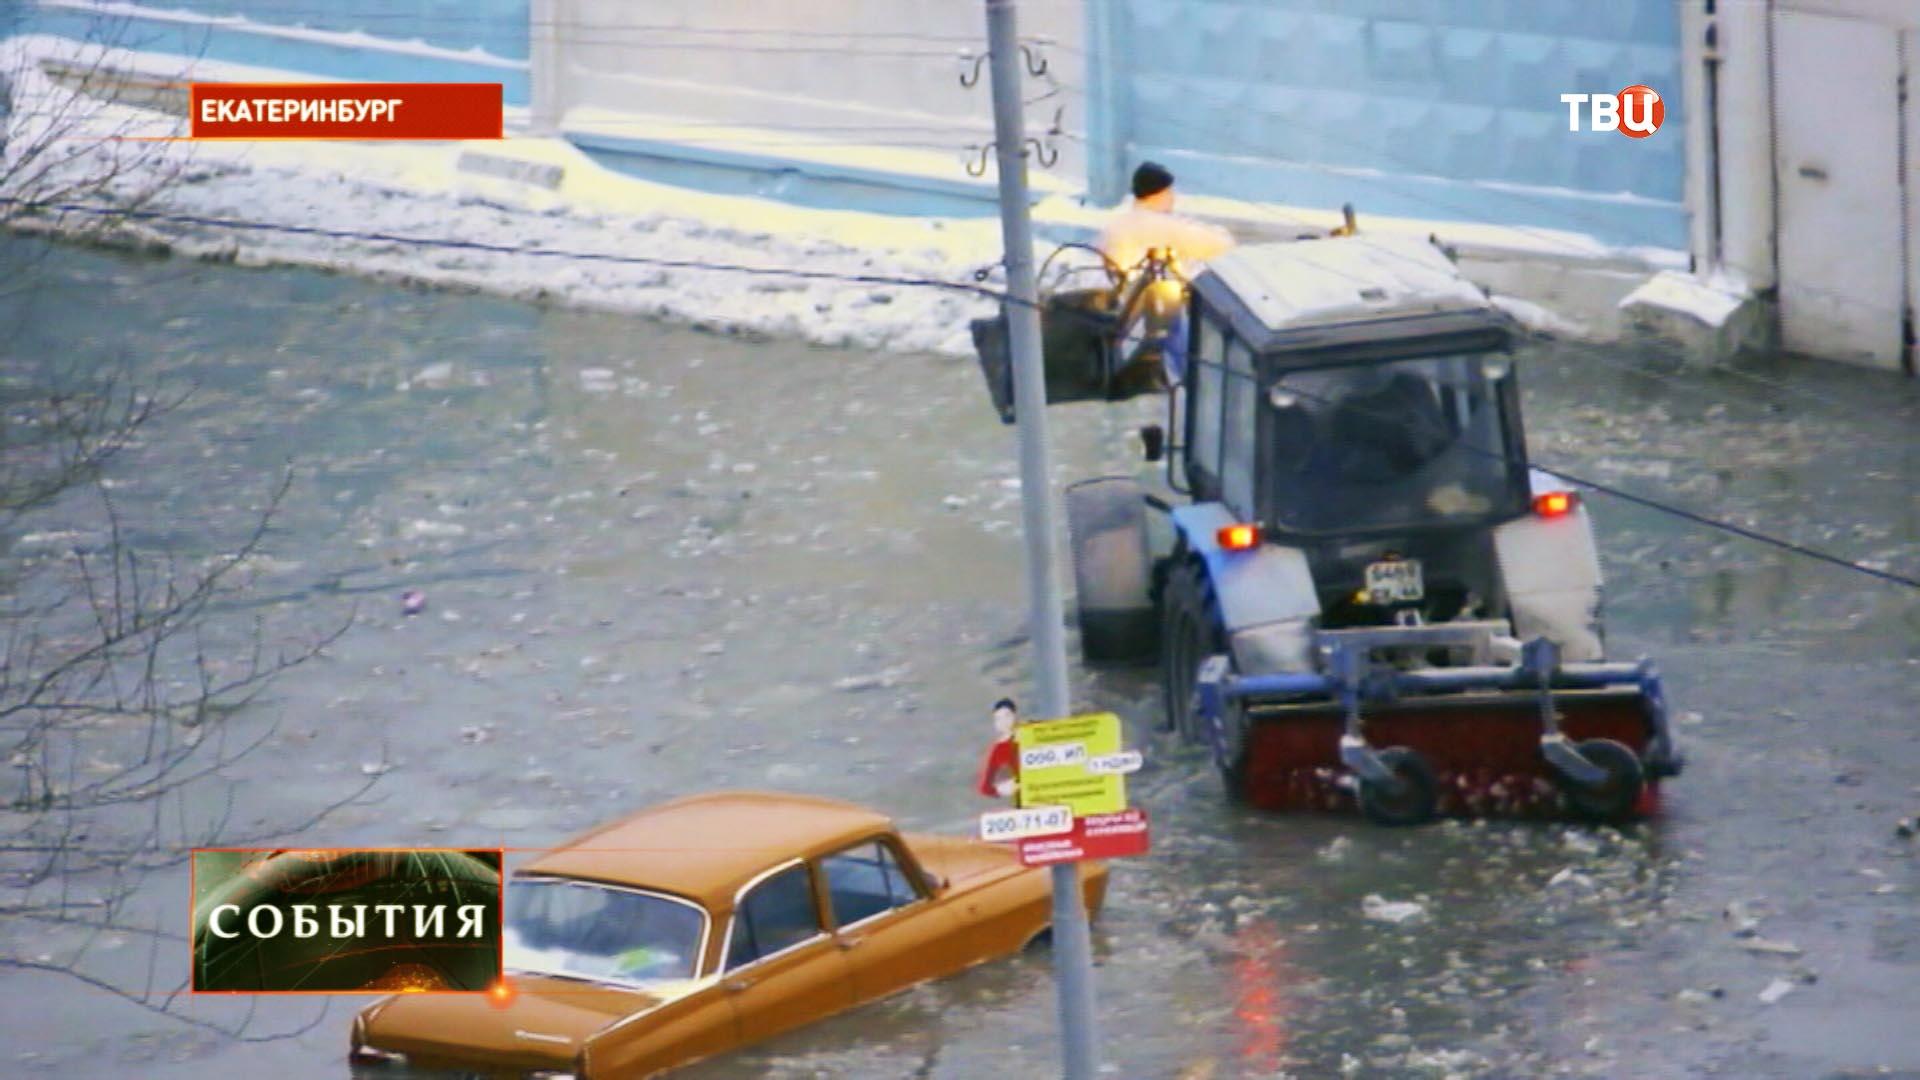 Коммунальная авария в Екатеринбурге